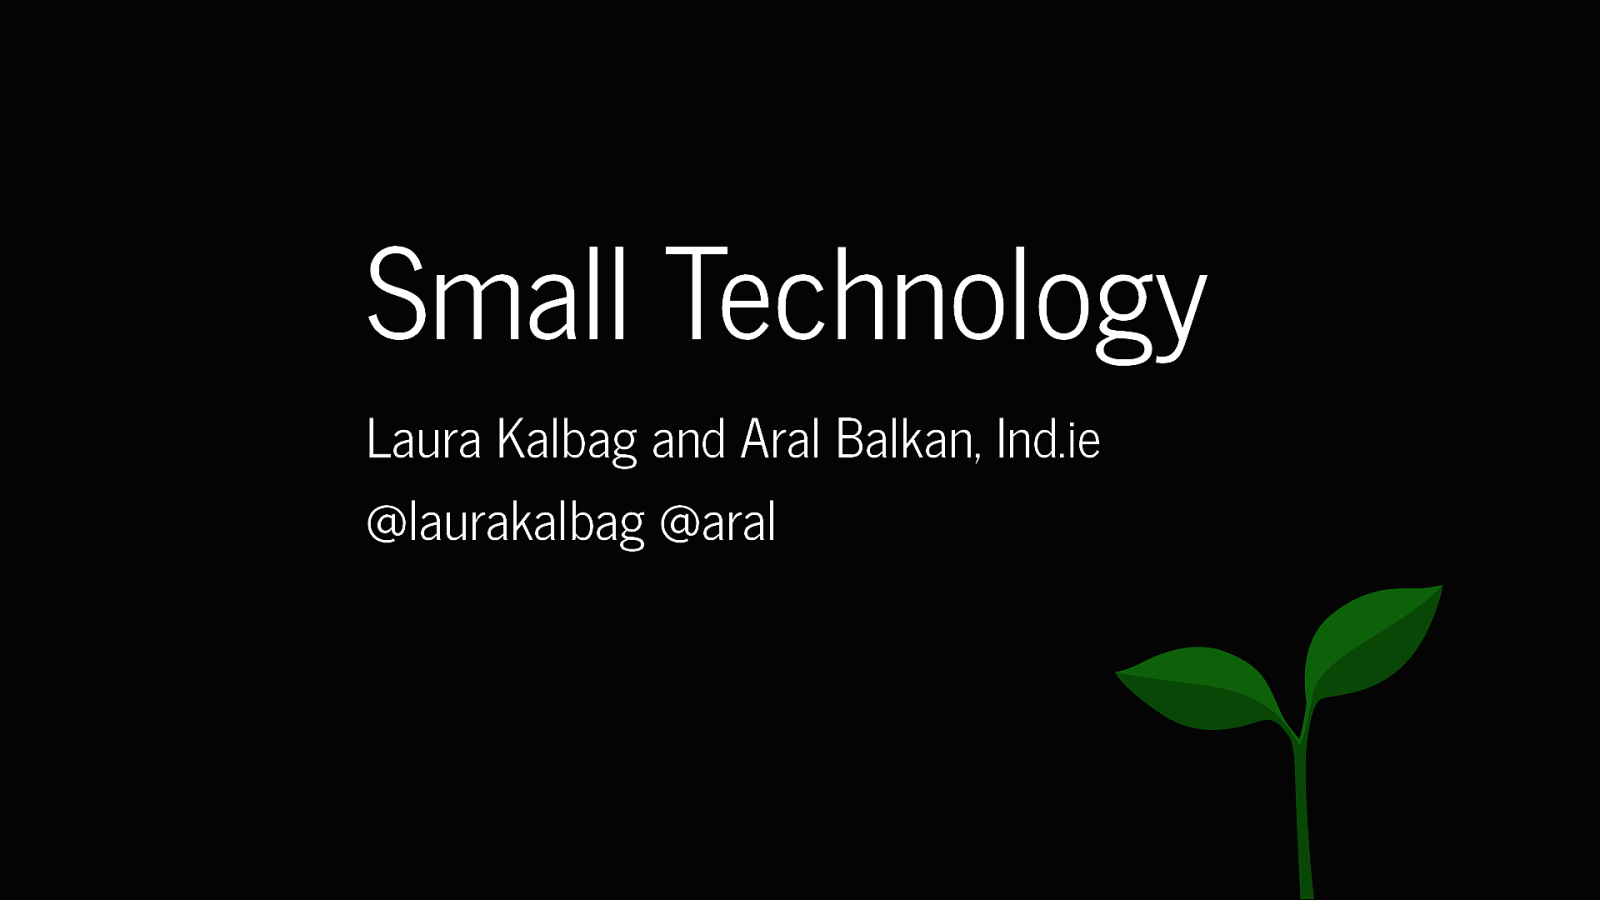 Small Technology